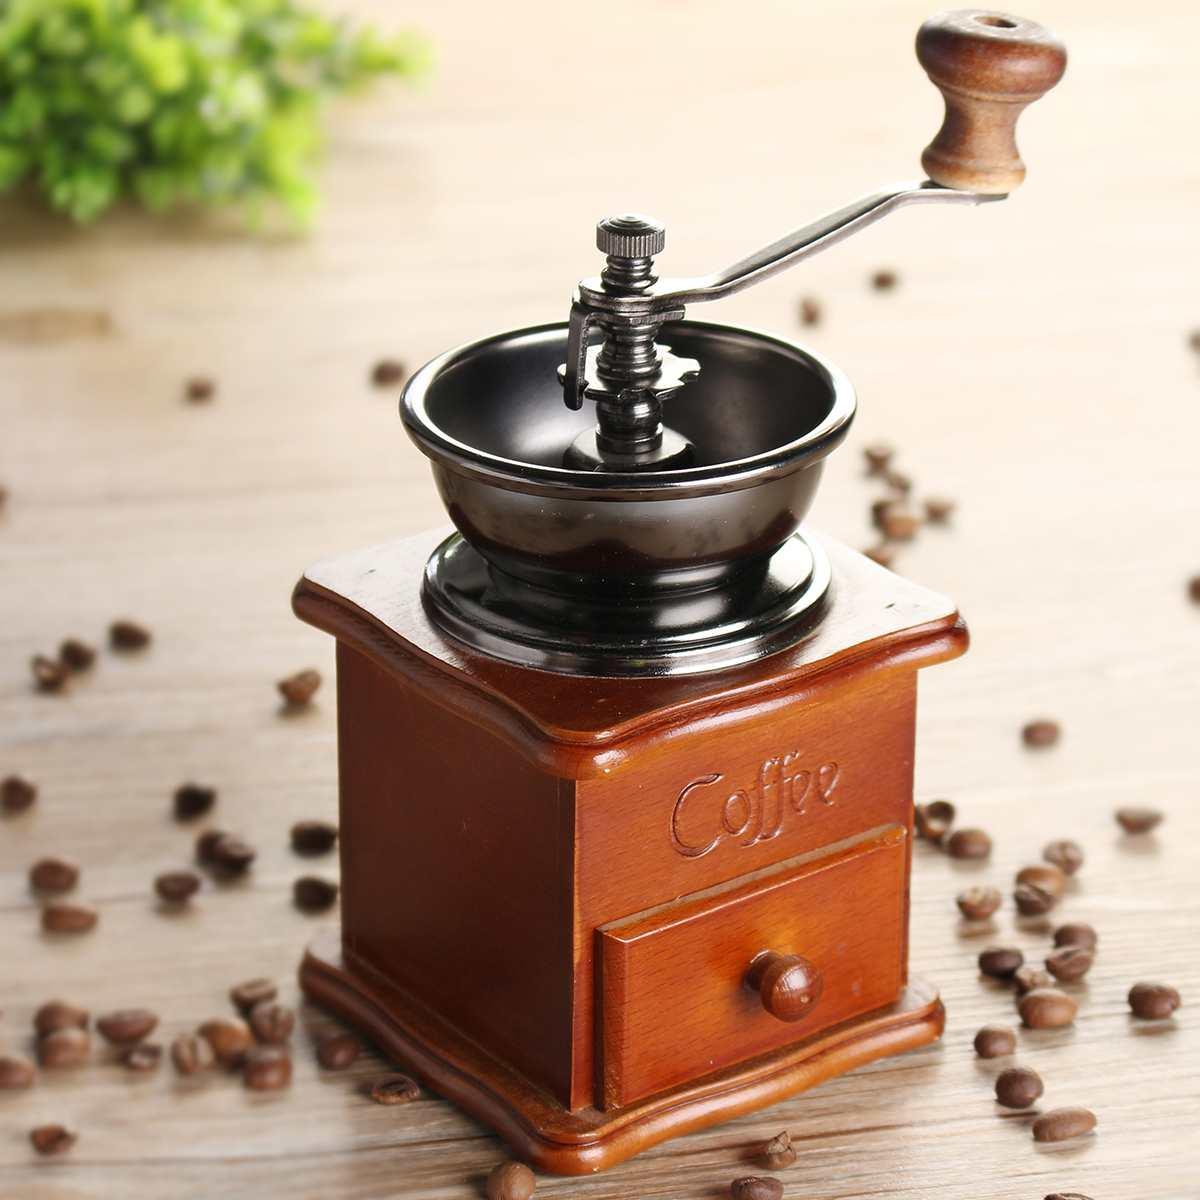 8 способов помолоть кофе без кофемолки в домашних условиях